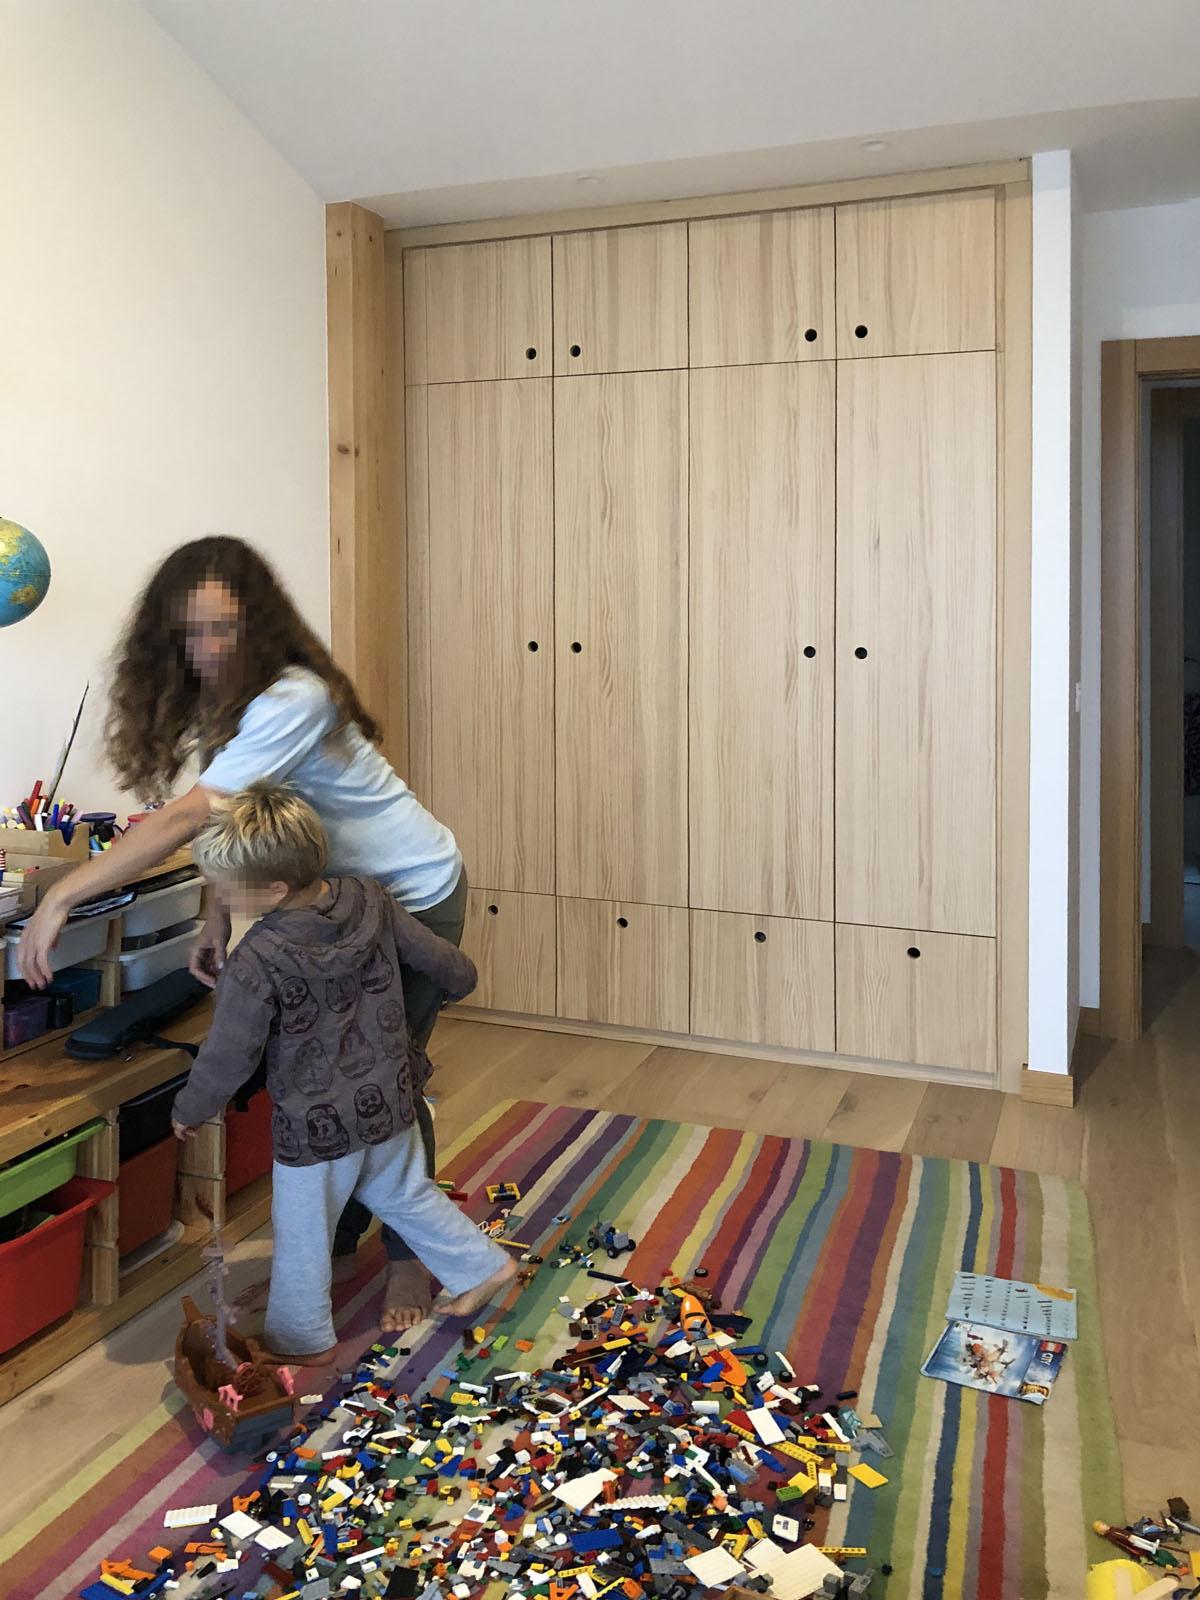 armario ropero en madera con cuatro puertas